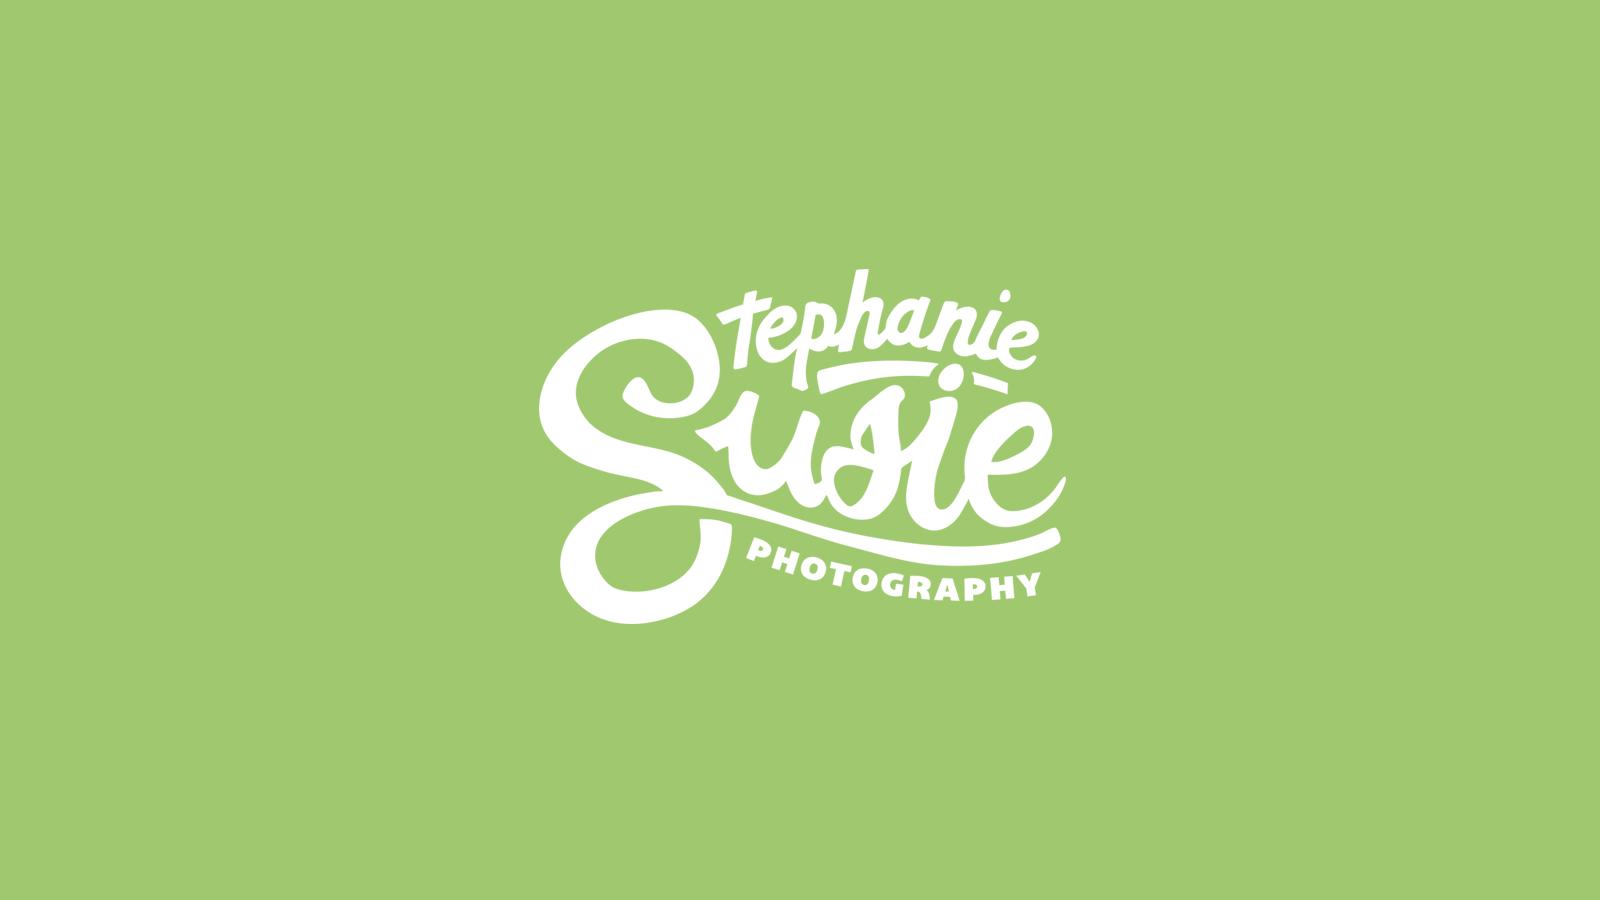 Stephanie Susie Photography Logo